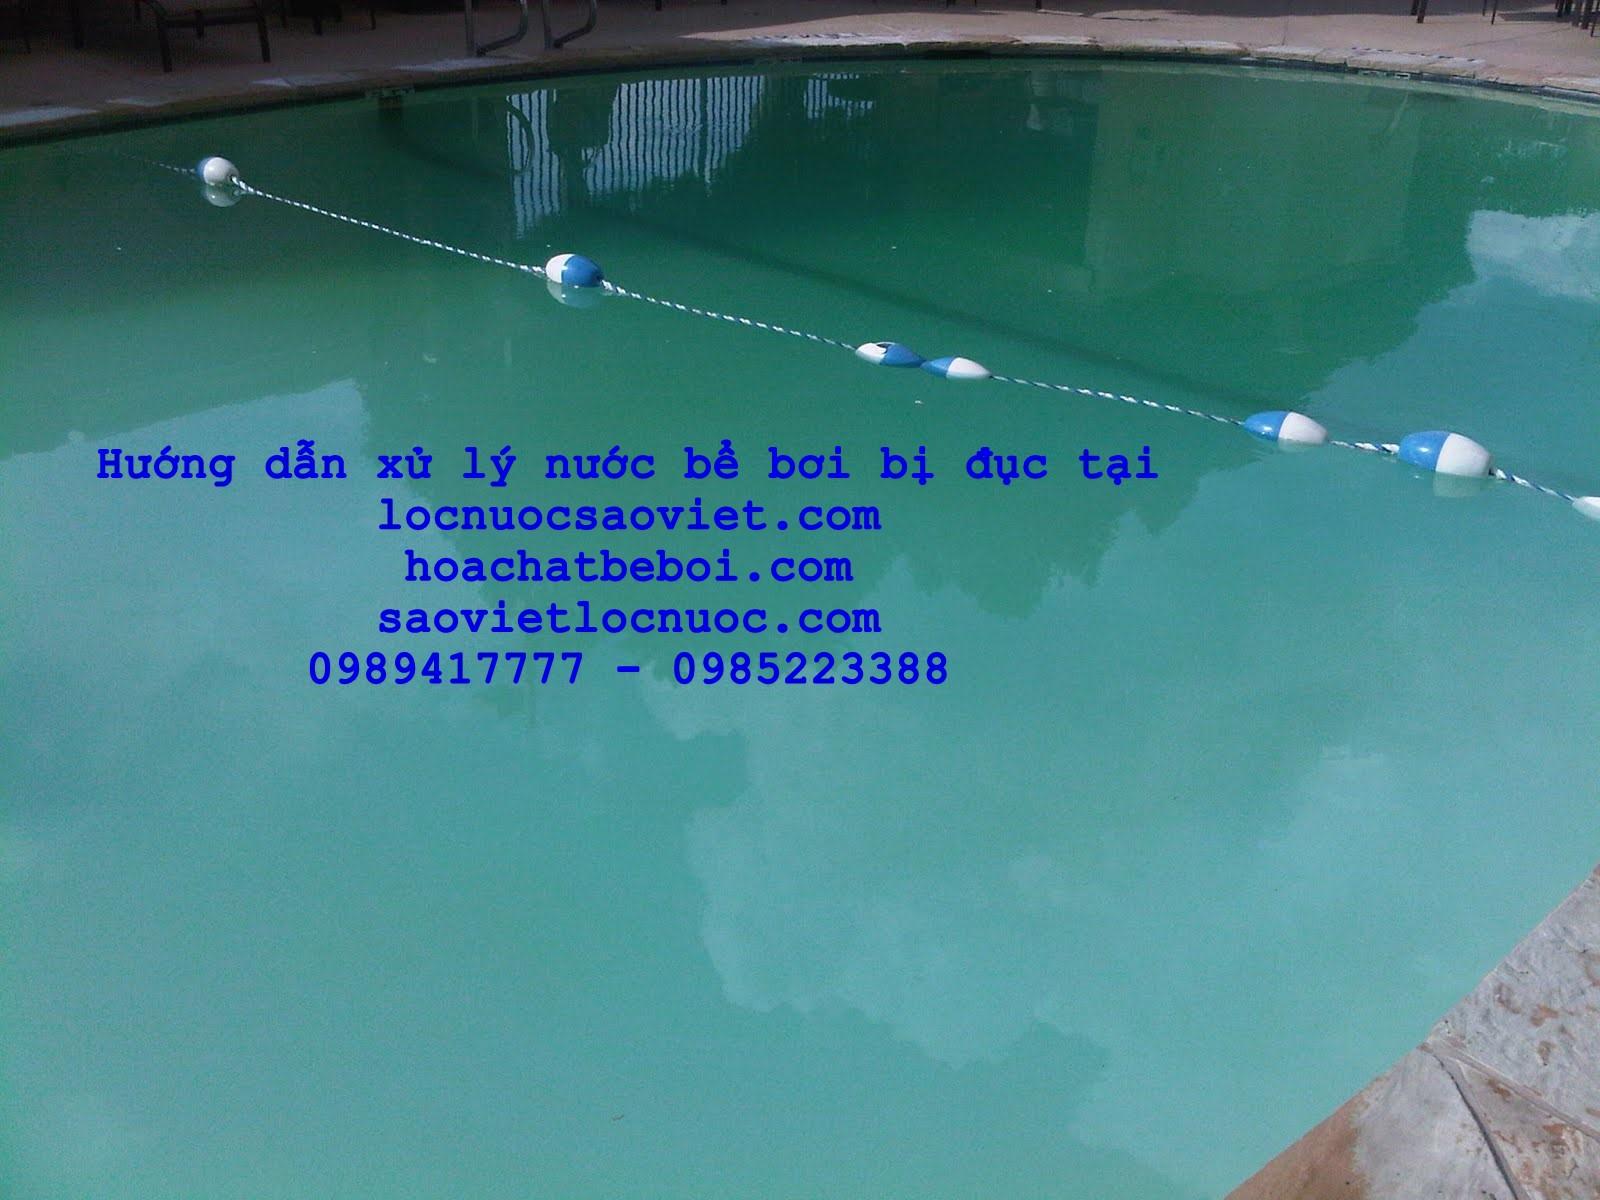 Nước bể bơi bị đục